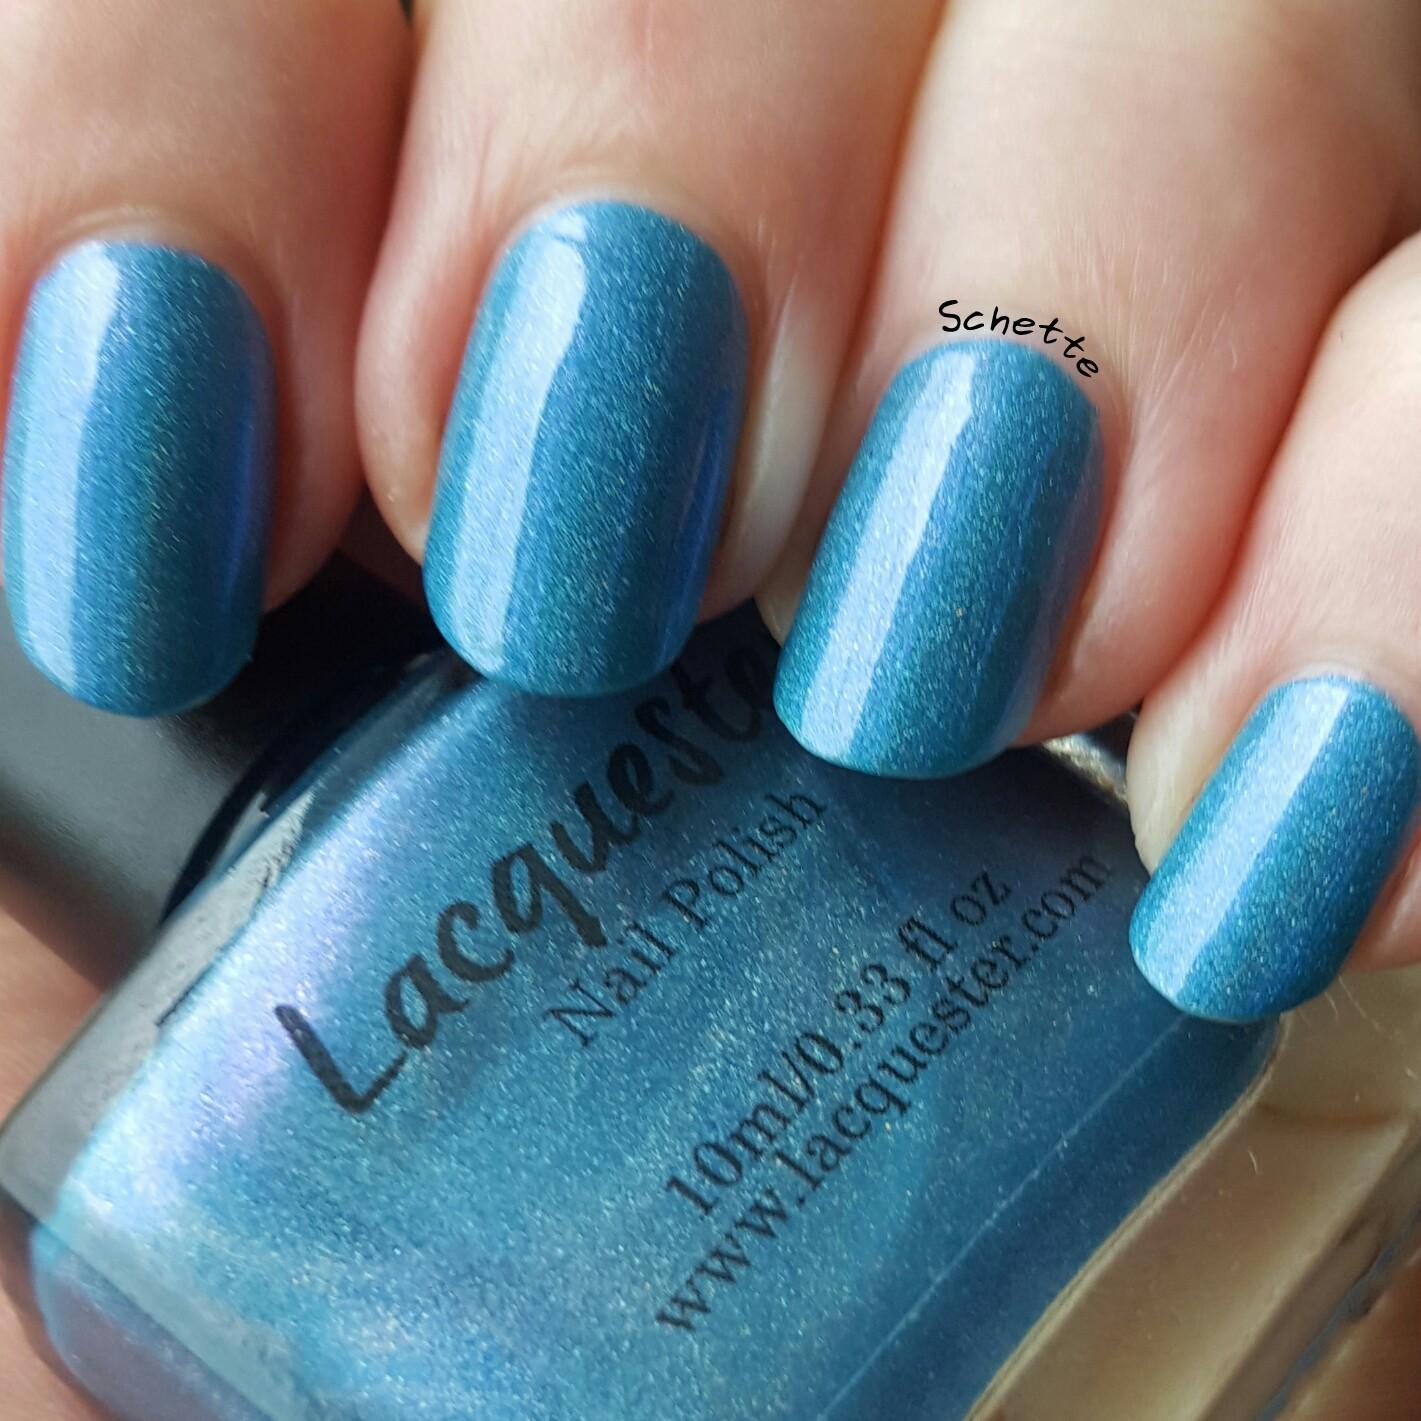 Lacquester : Lacquesteria